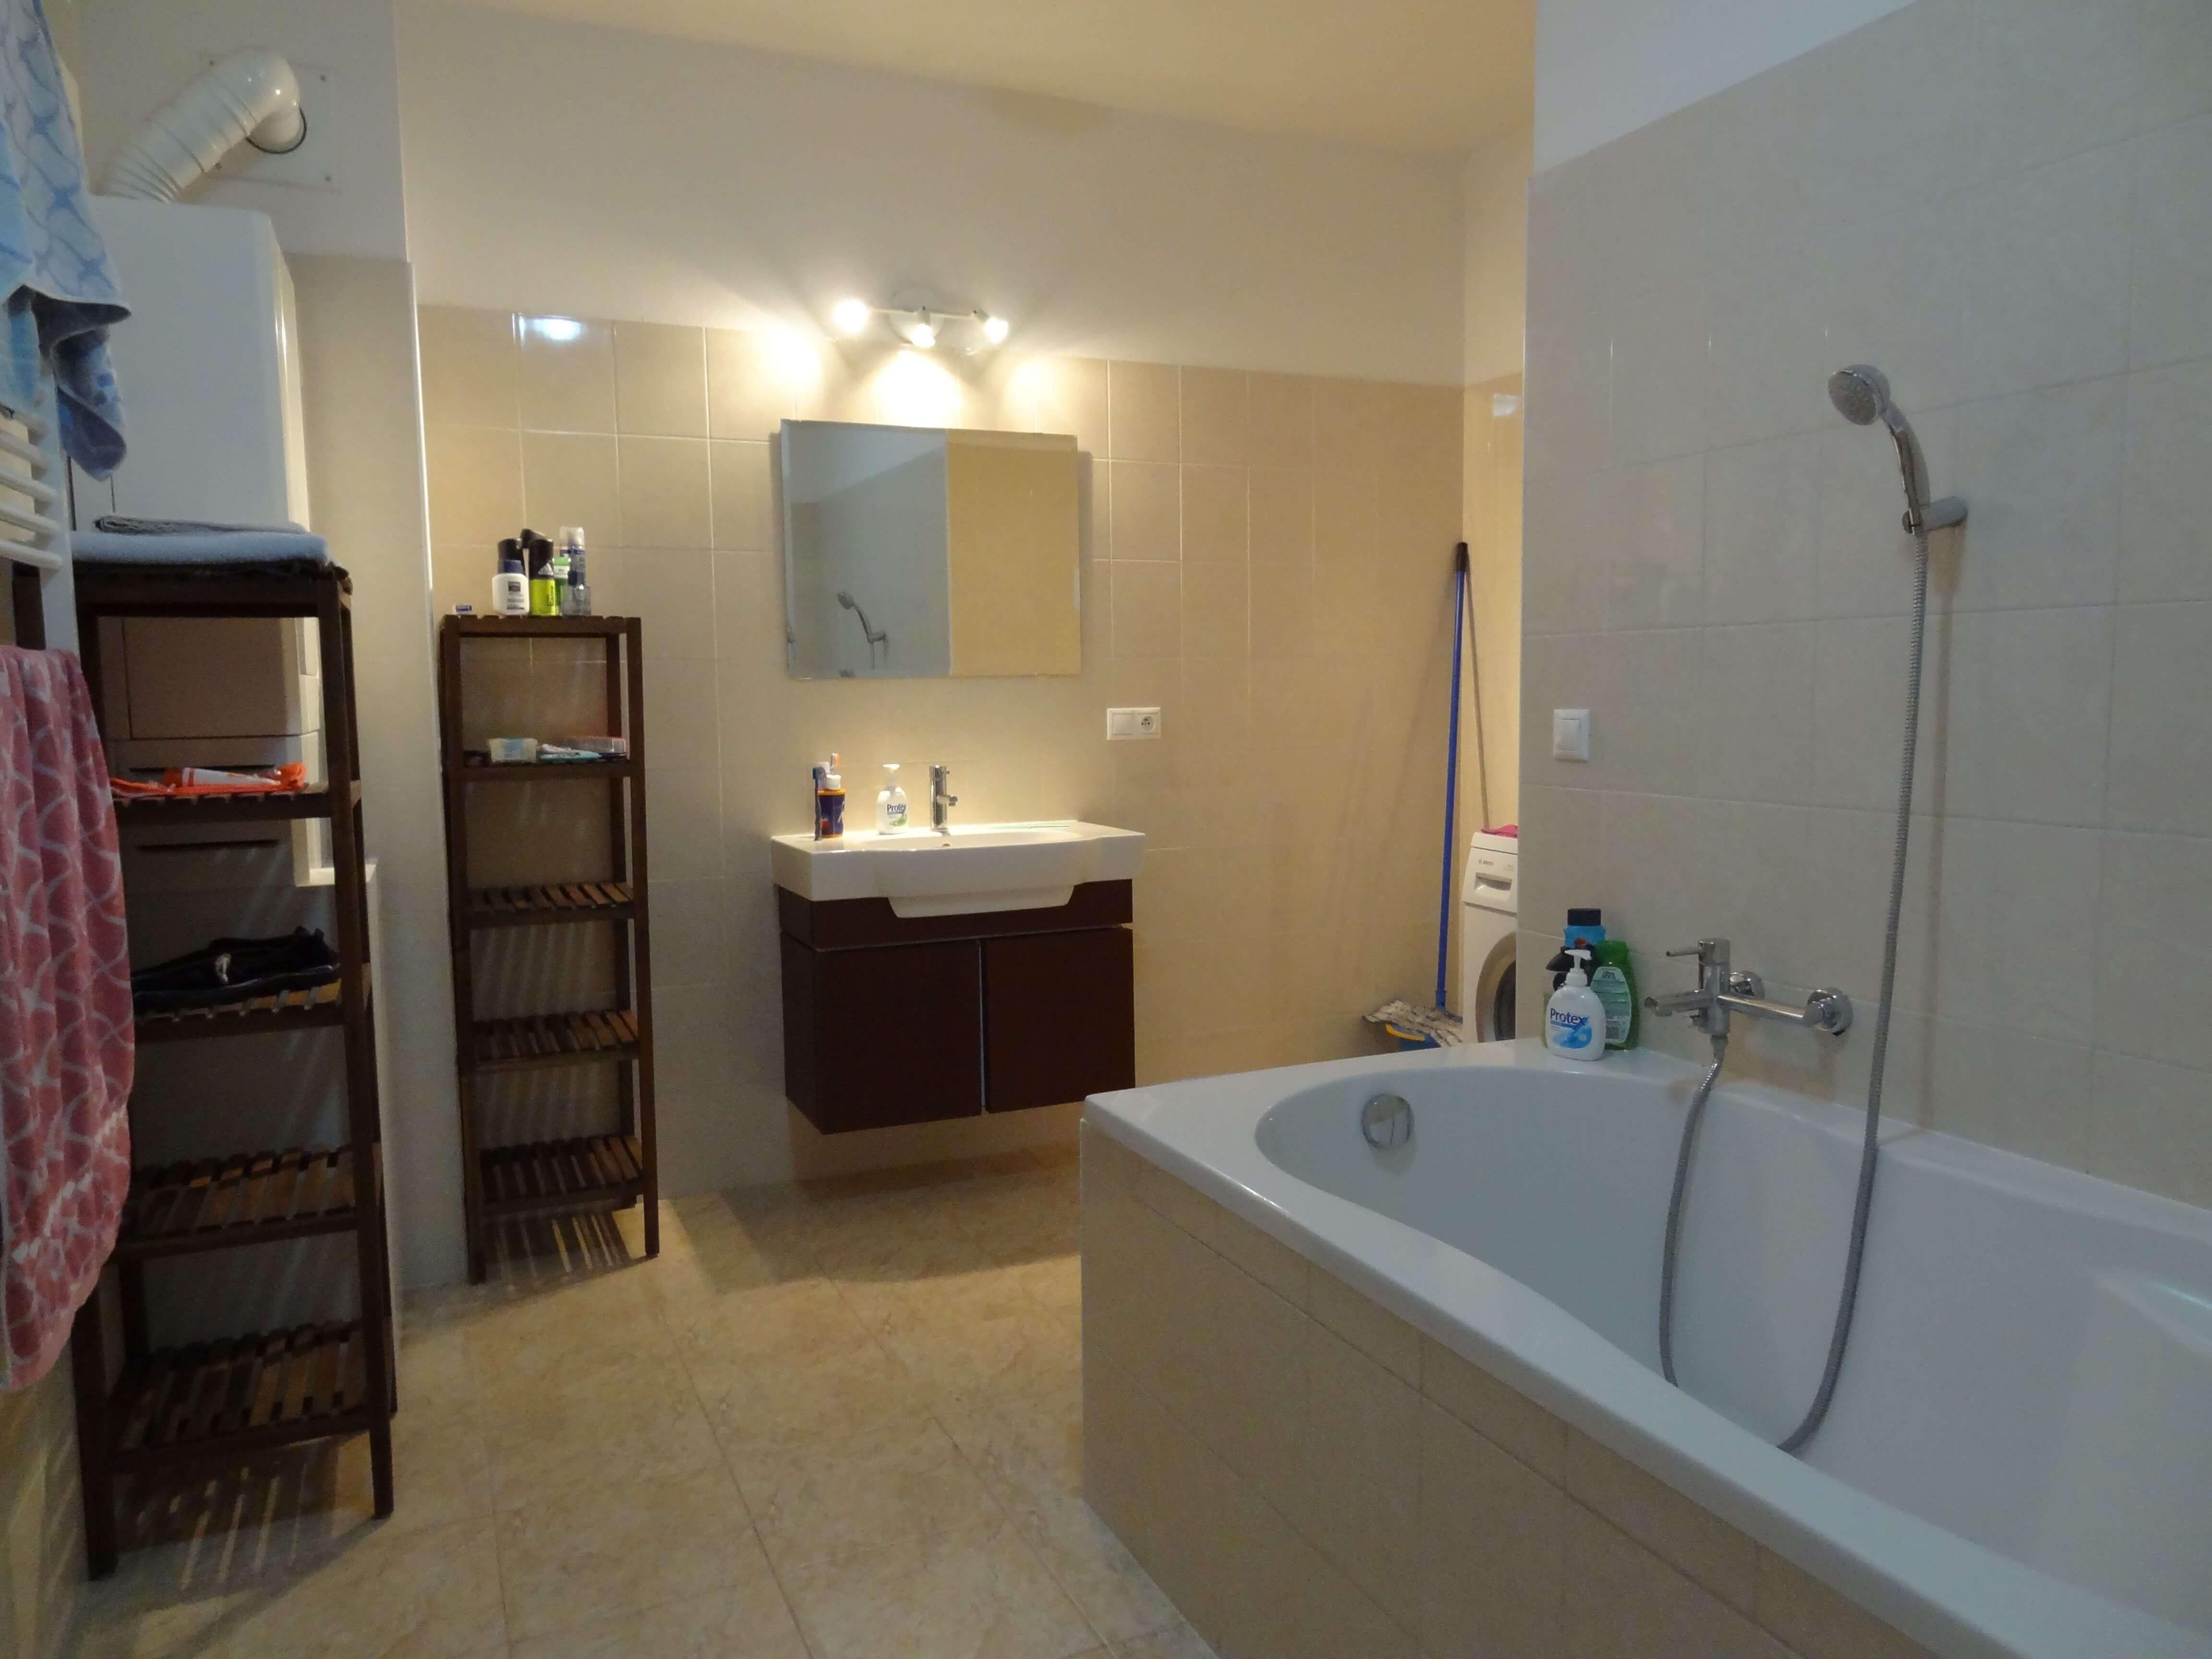 Predaný: Exkluzívne na predaj 3 Izbový byt v novostavbe, 87,2m2, loggia 7,4m2, Družstevná, Hamuliakovo-15